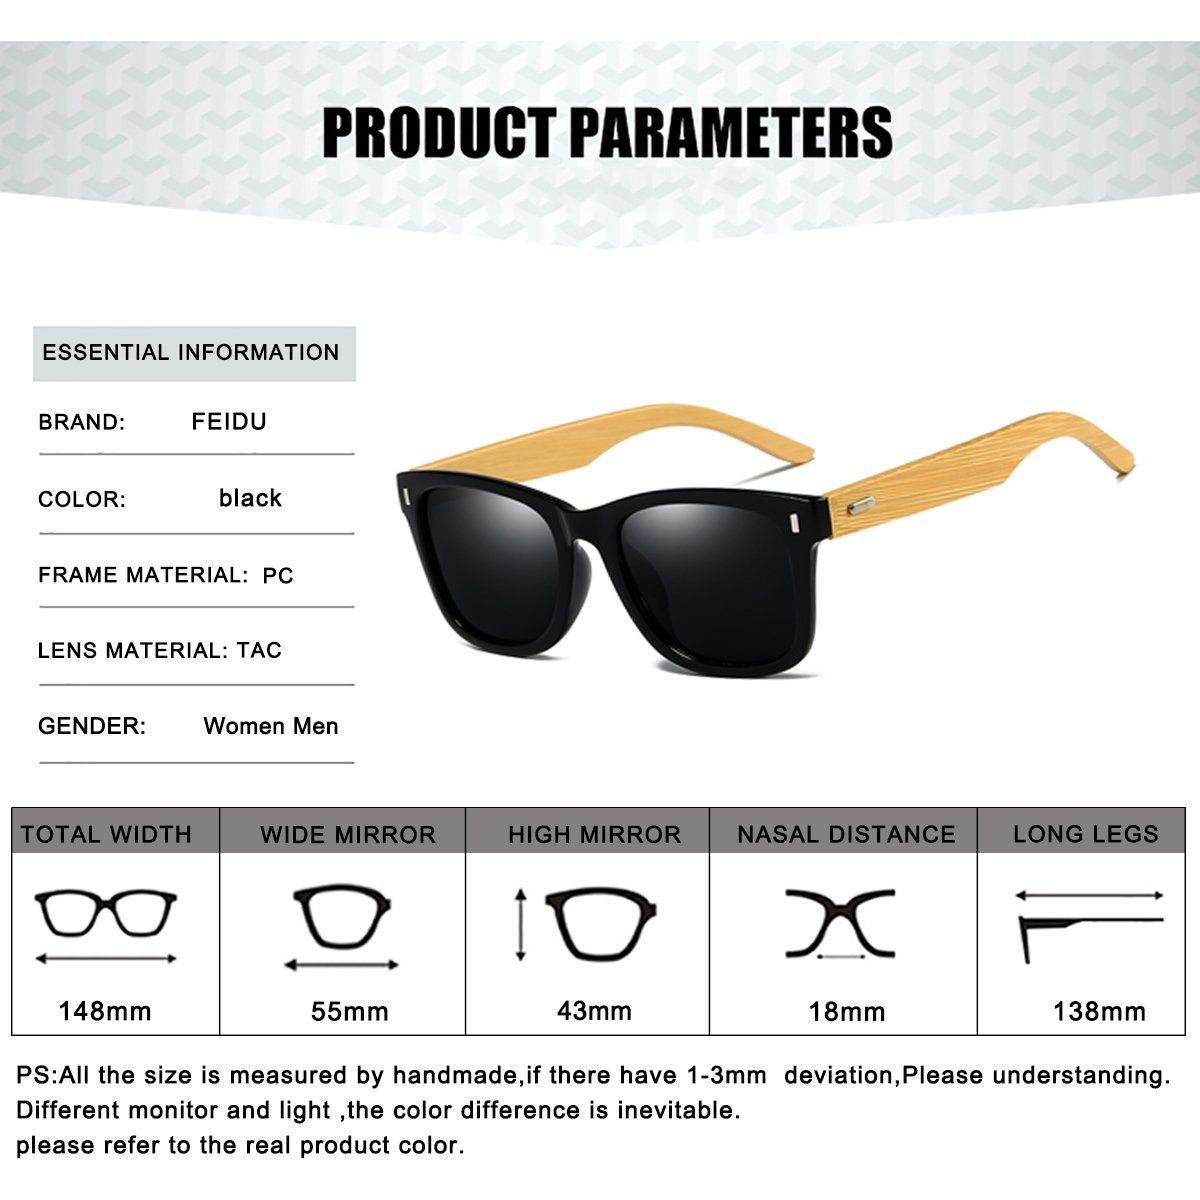 4026a2787a6 Polarized Sunglasses for Men Retro - FEIDU HD Vision Polarized Sunglasses  Mens FD2149 2.08 )